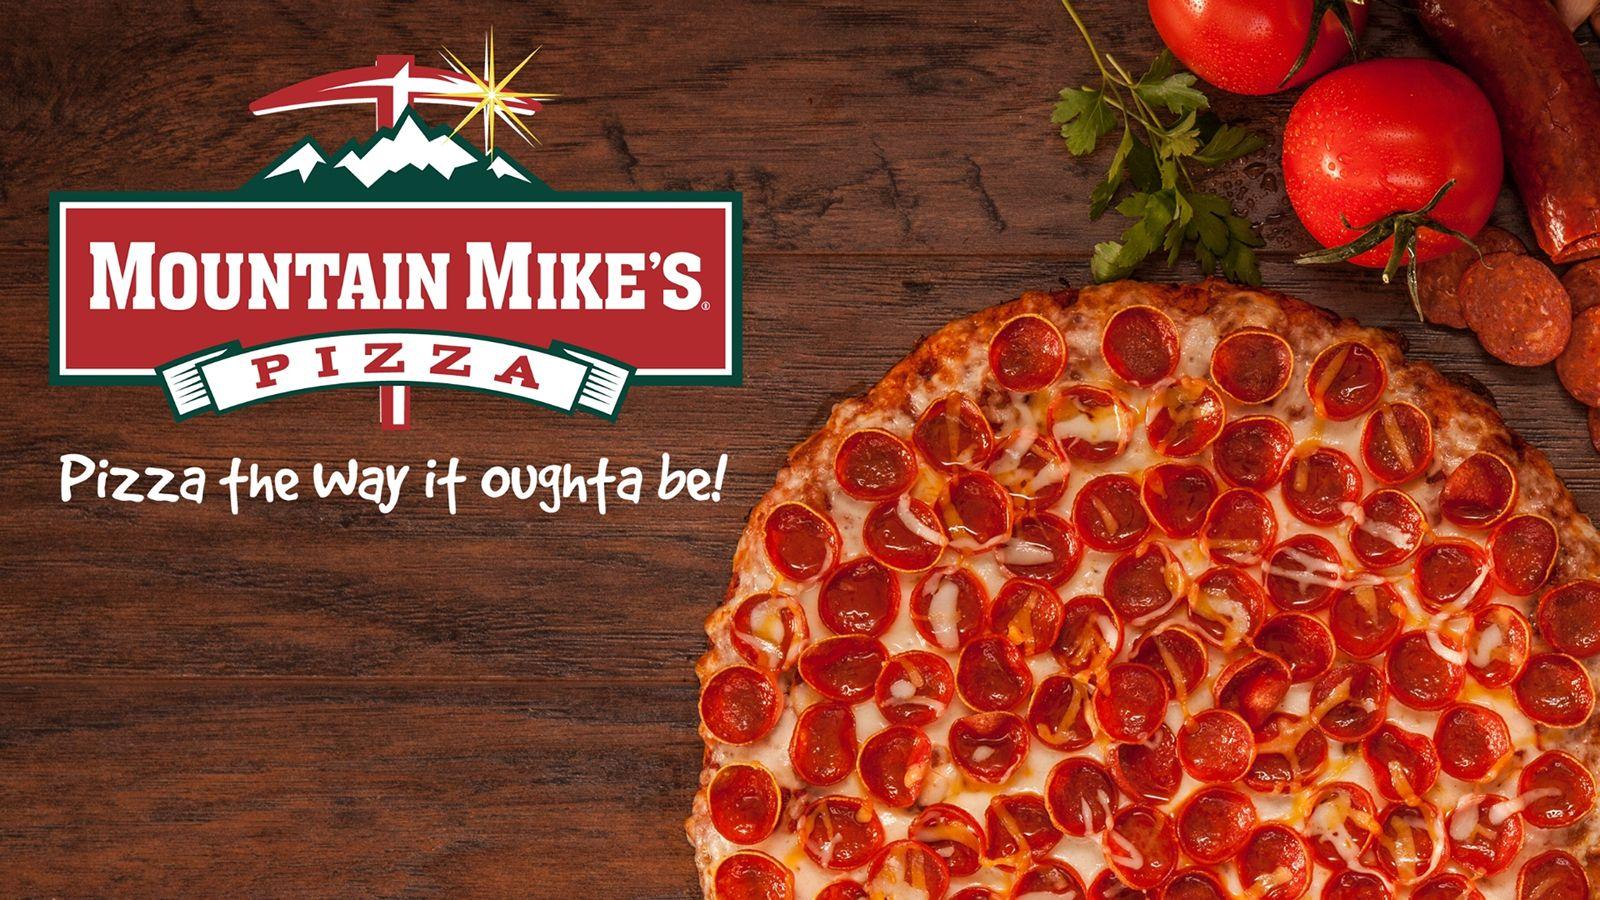 Mountain Mike's Pizza Opens Doors in Monterey